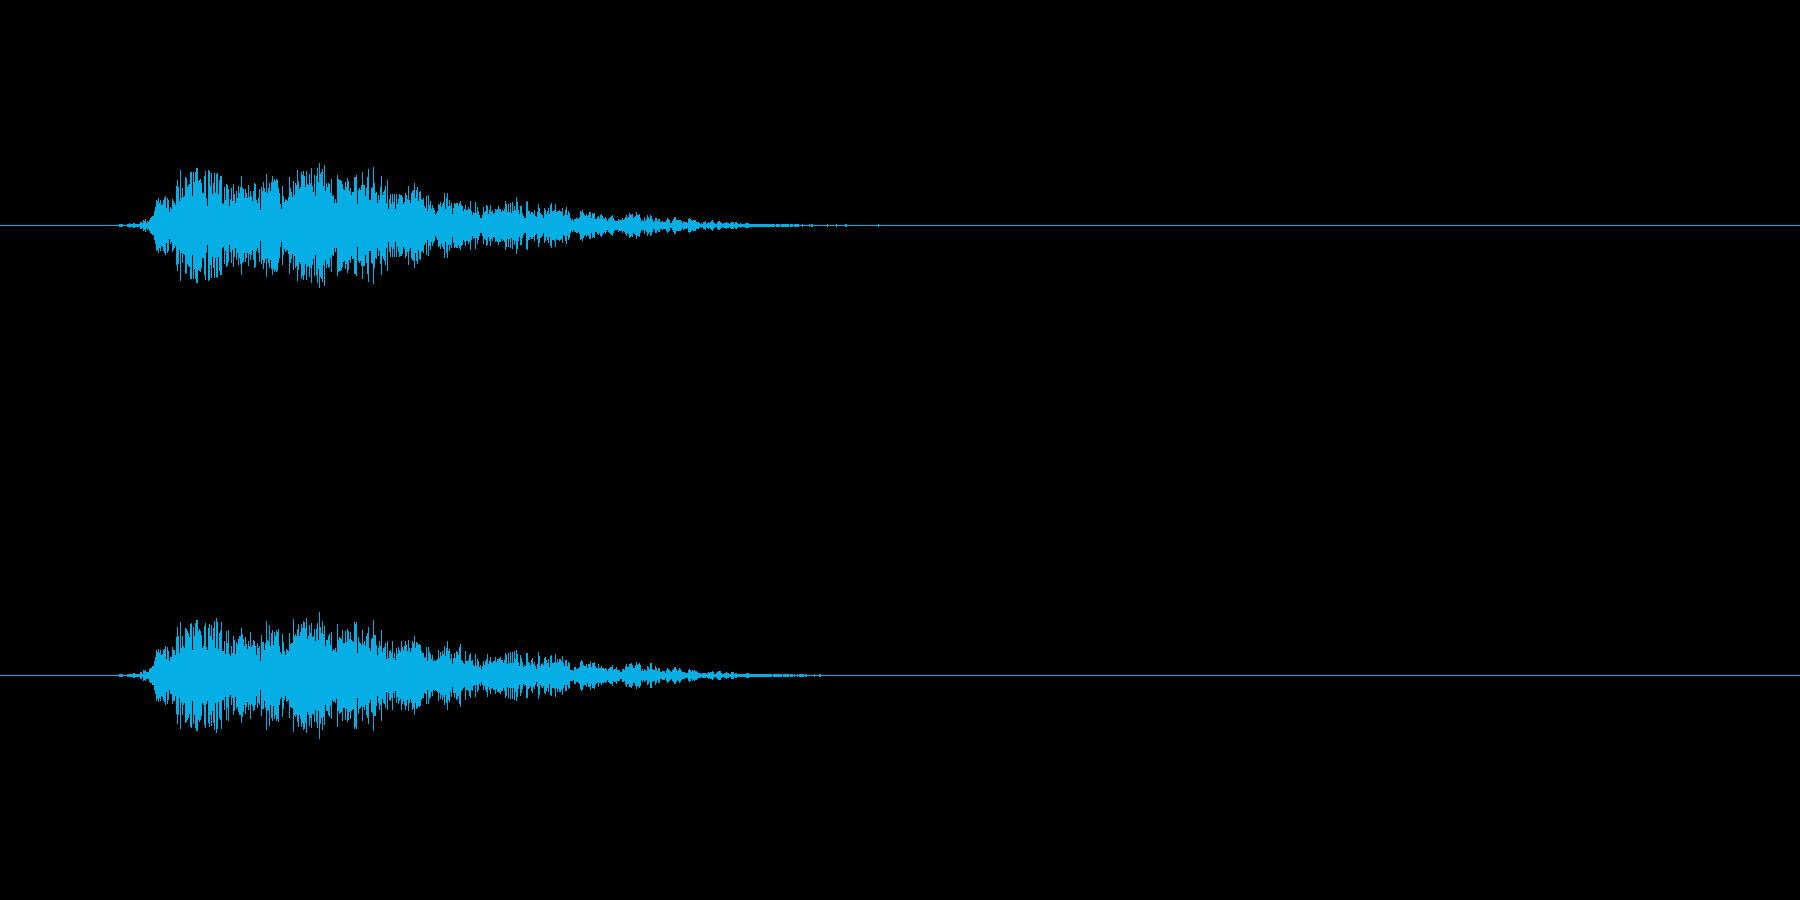 【モンスター02-02】の再生済みの波形